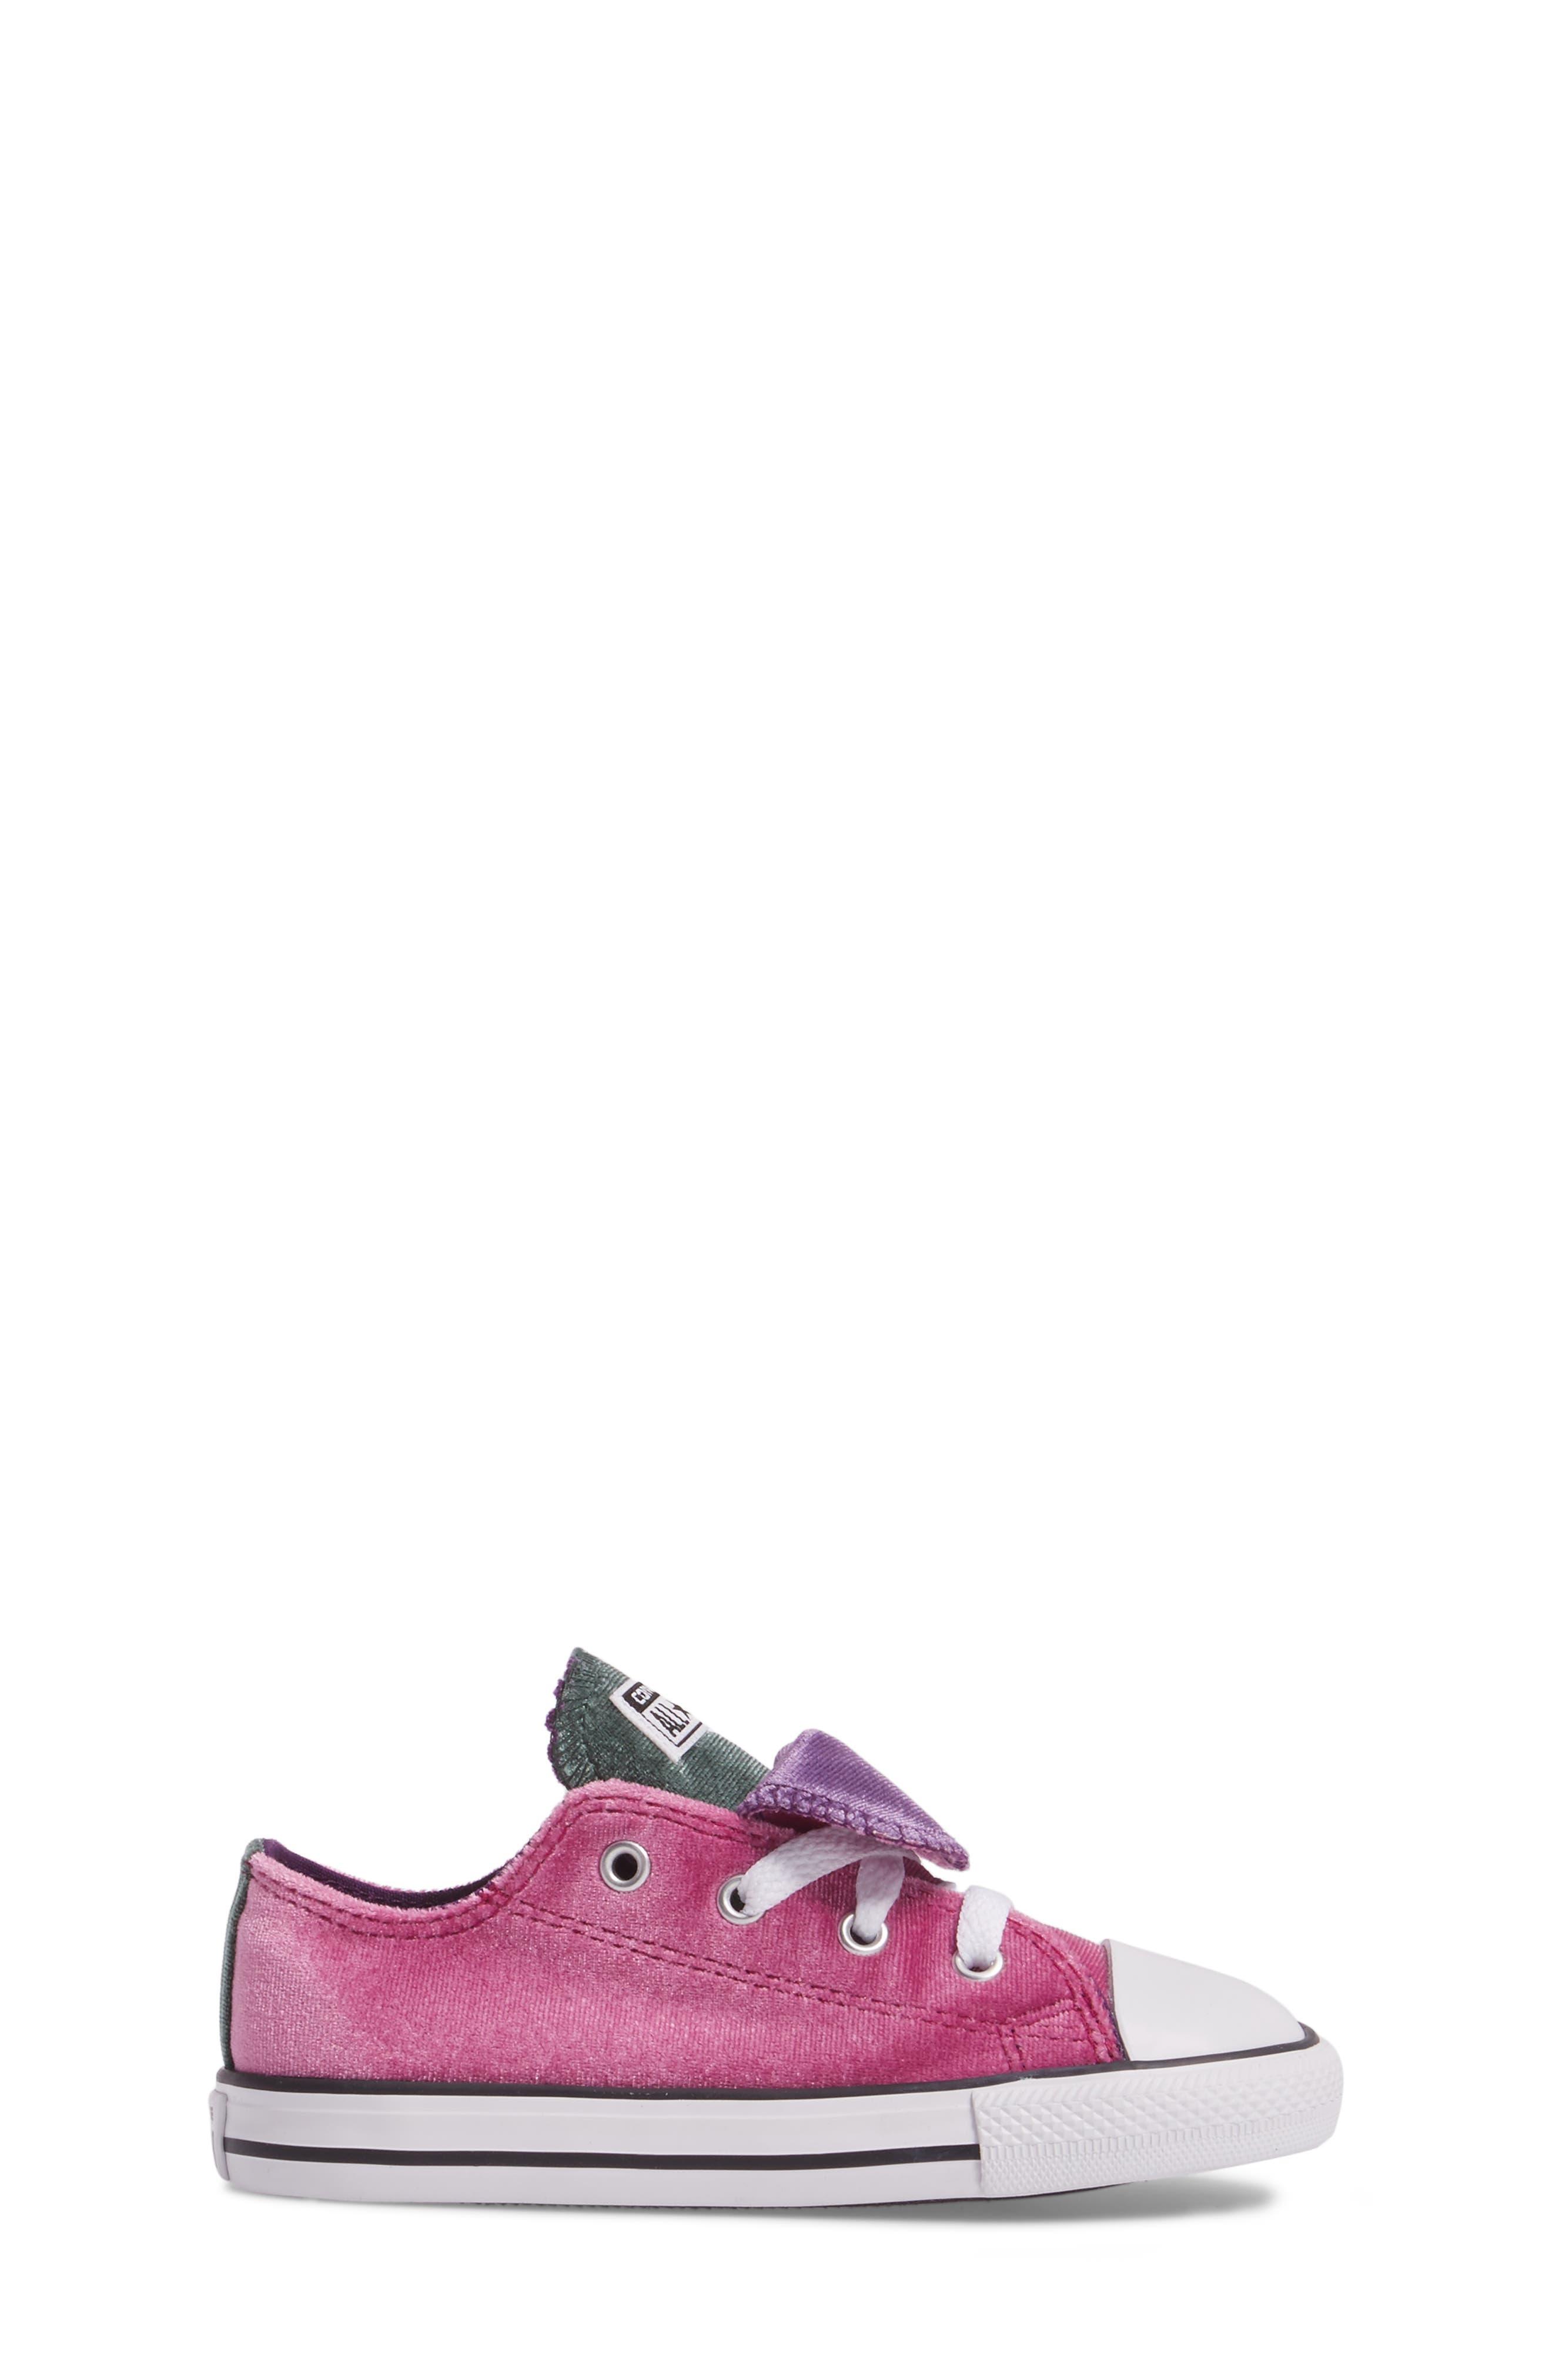 All Star<sup>®</sup> Velvet Double Tongue Sneaker,                             Alternate thumbnail 3, color,                             Pink Sapphire Velvet